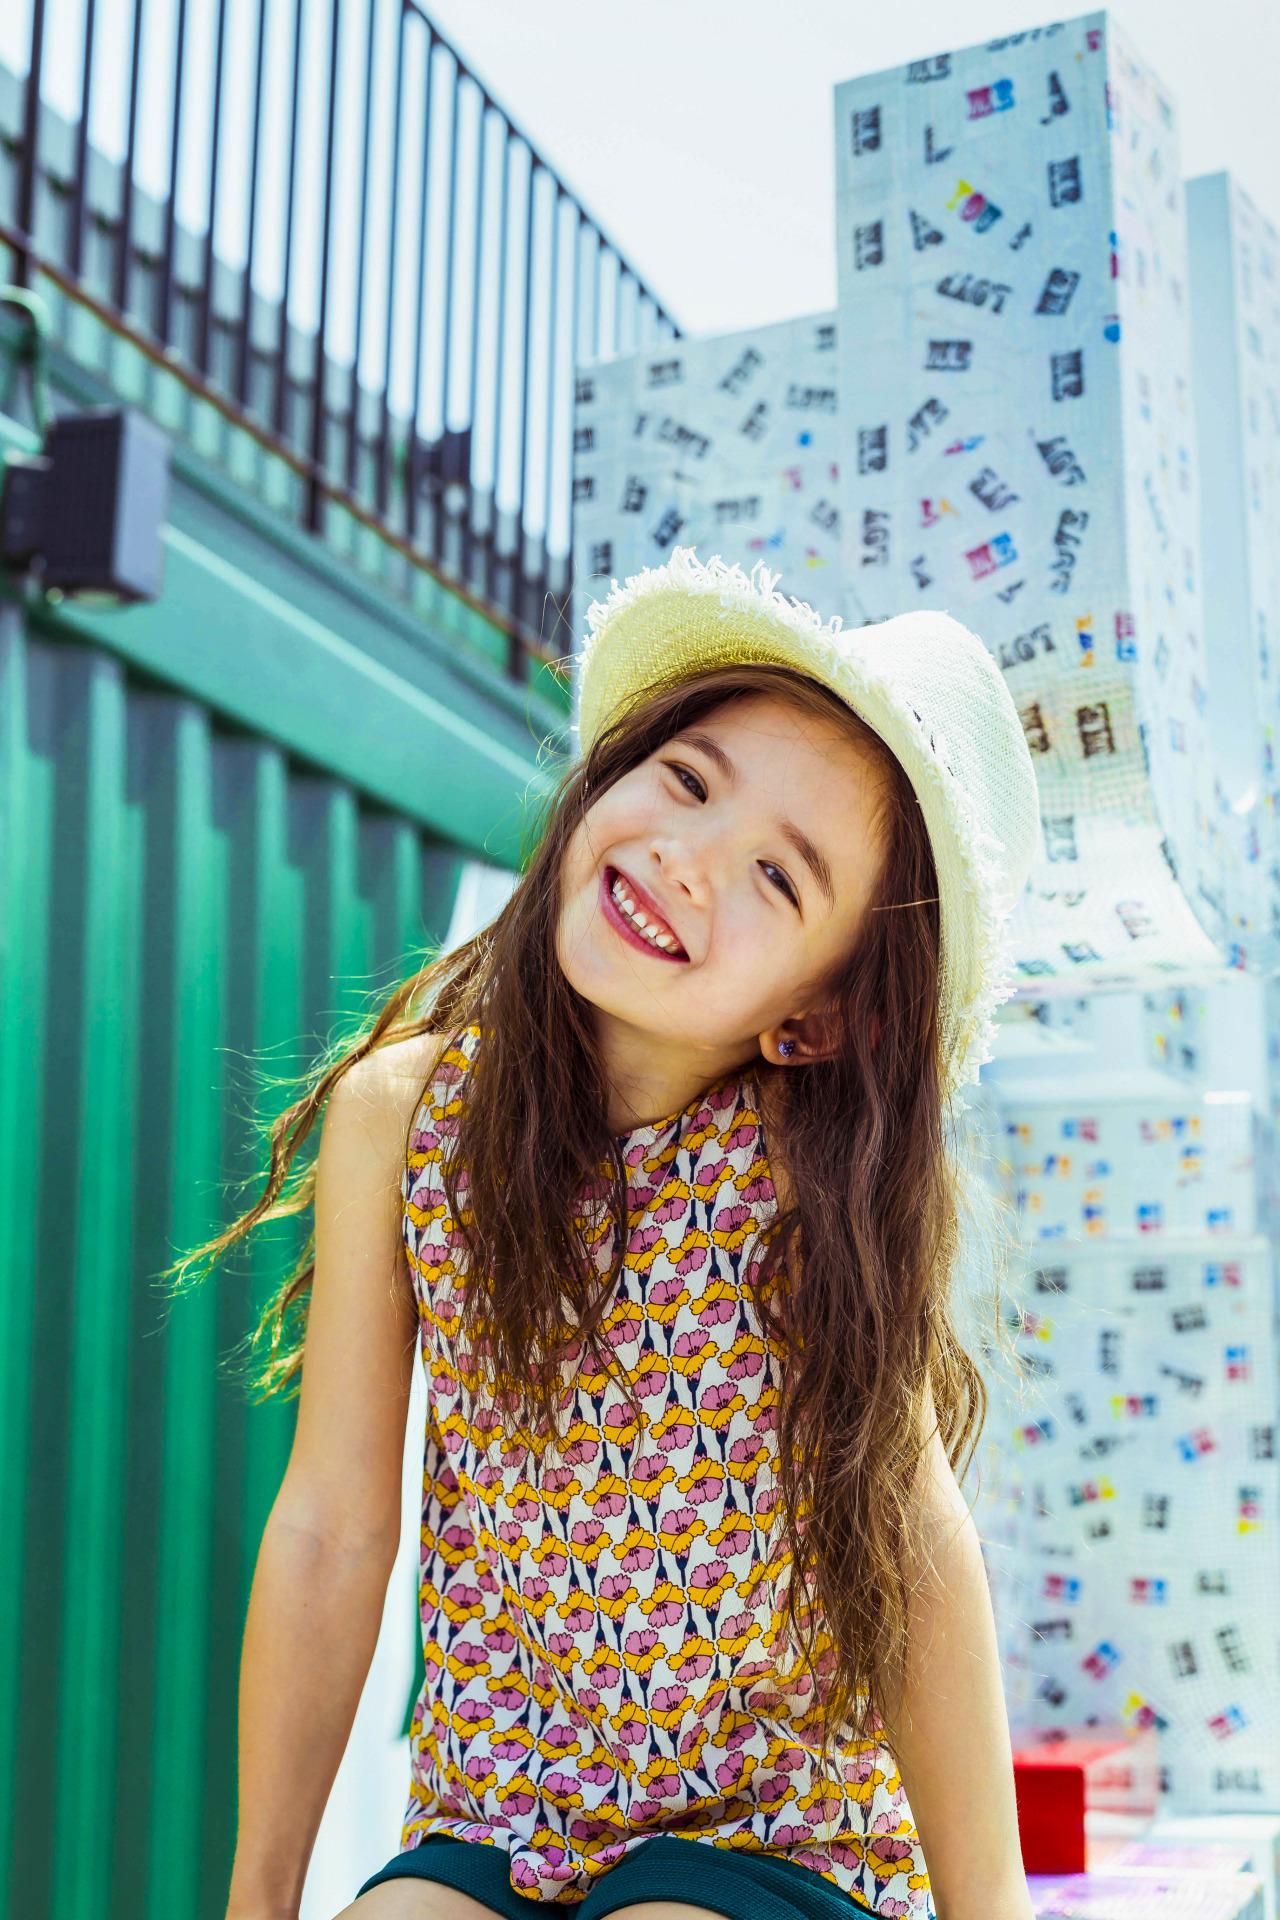 13 nhóc tì nổi tiếng khắp thế giới nhờ vẻ đẹp thiên thần không thể cưỡng lại - ảnh 7